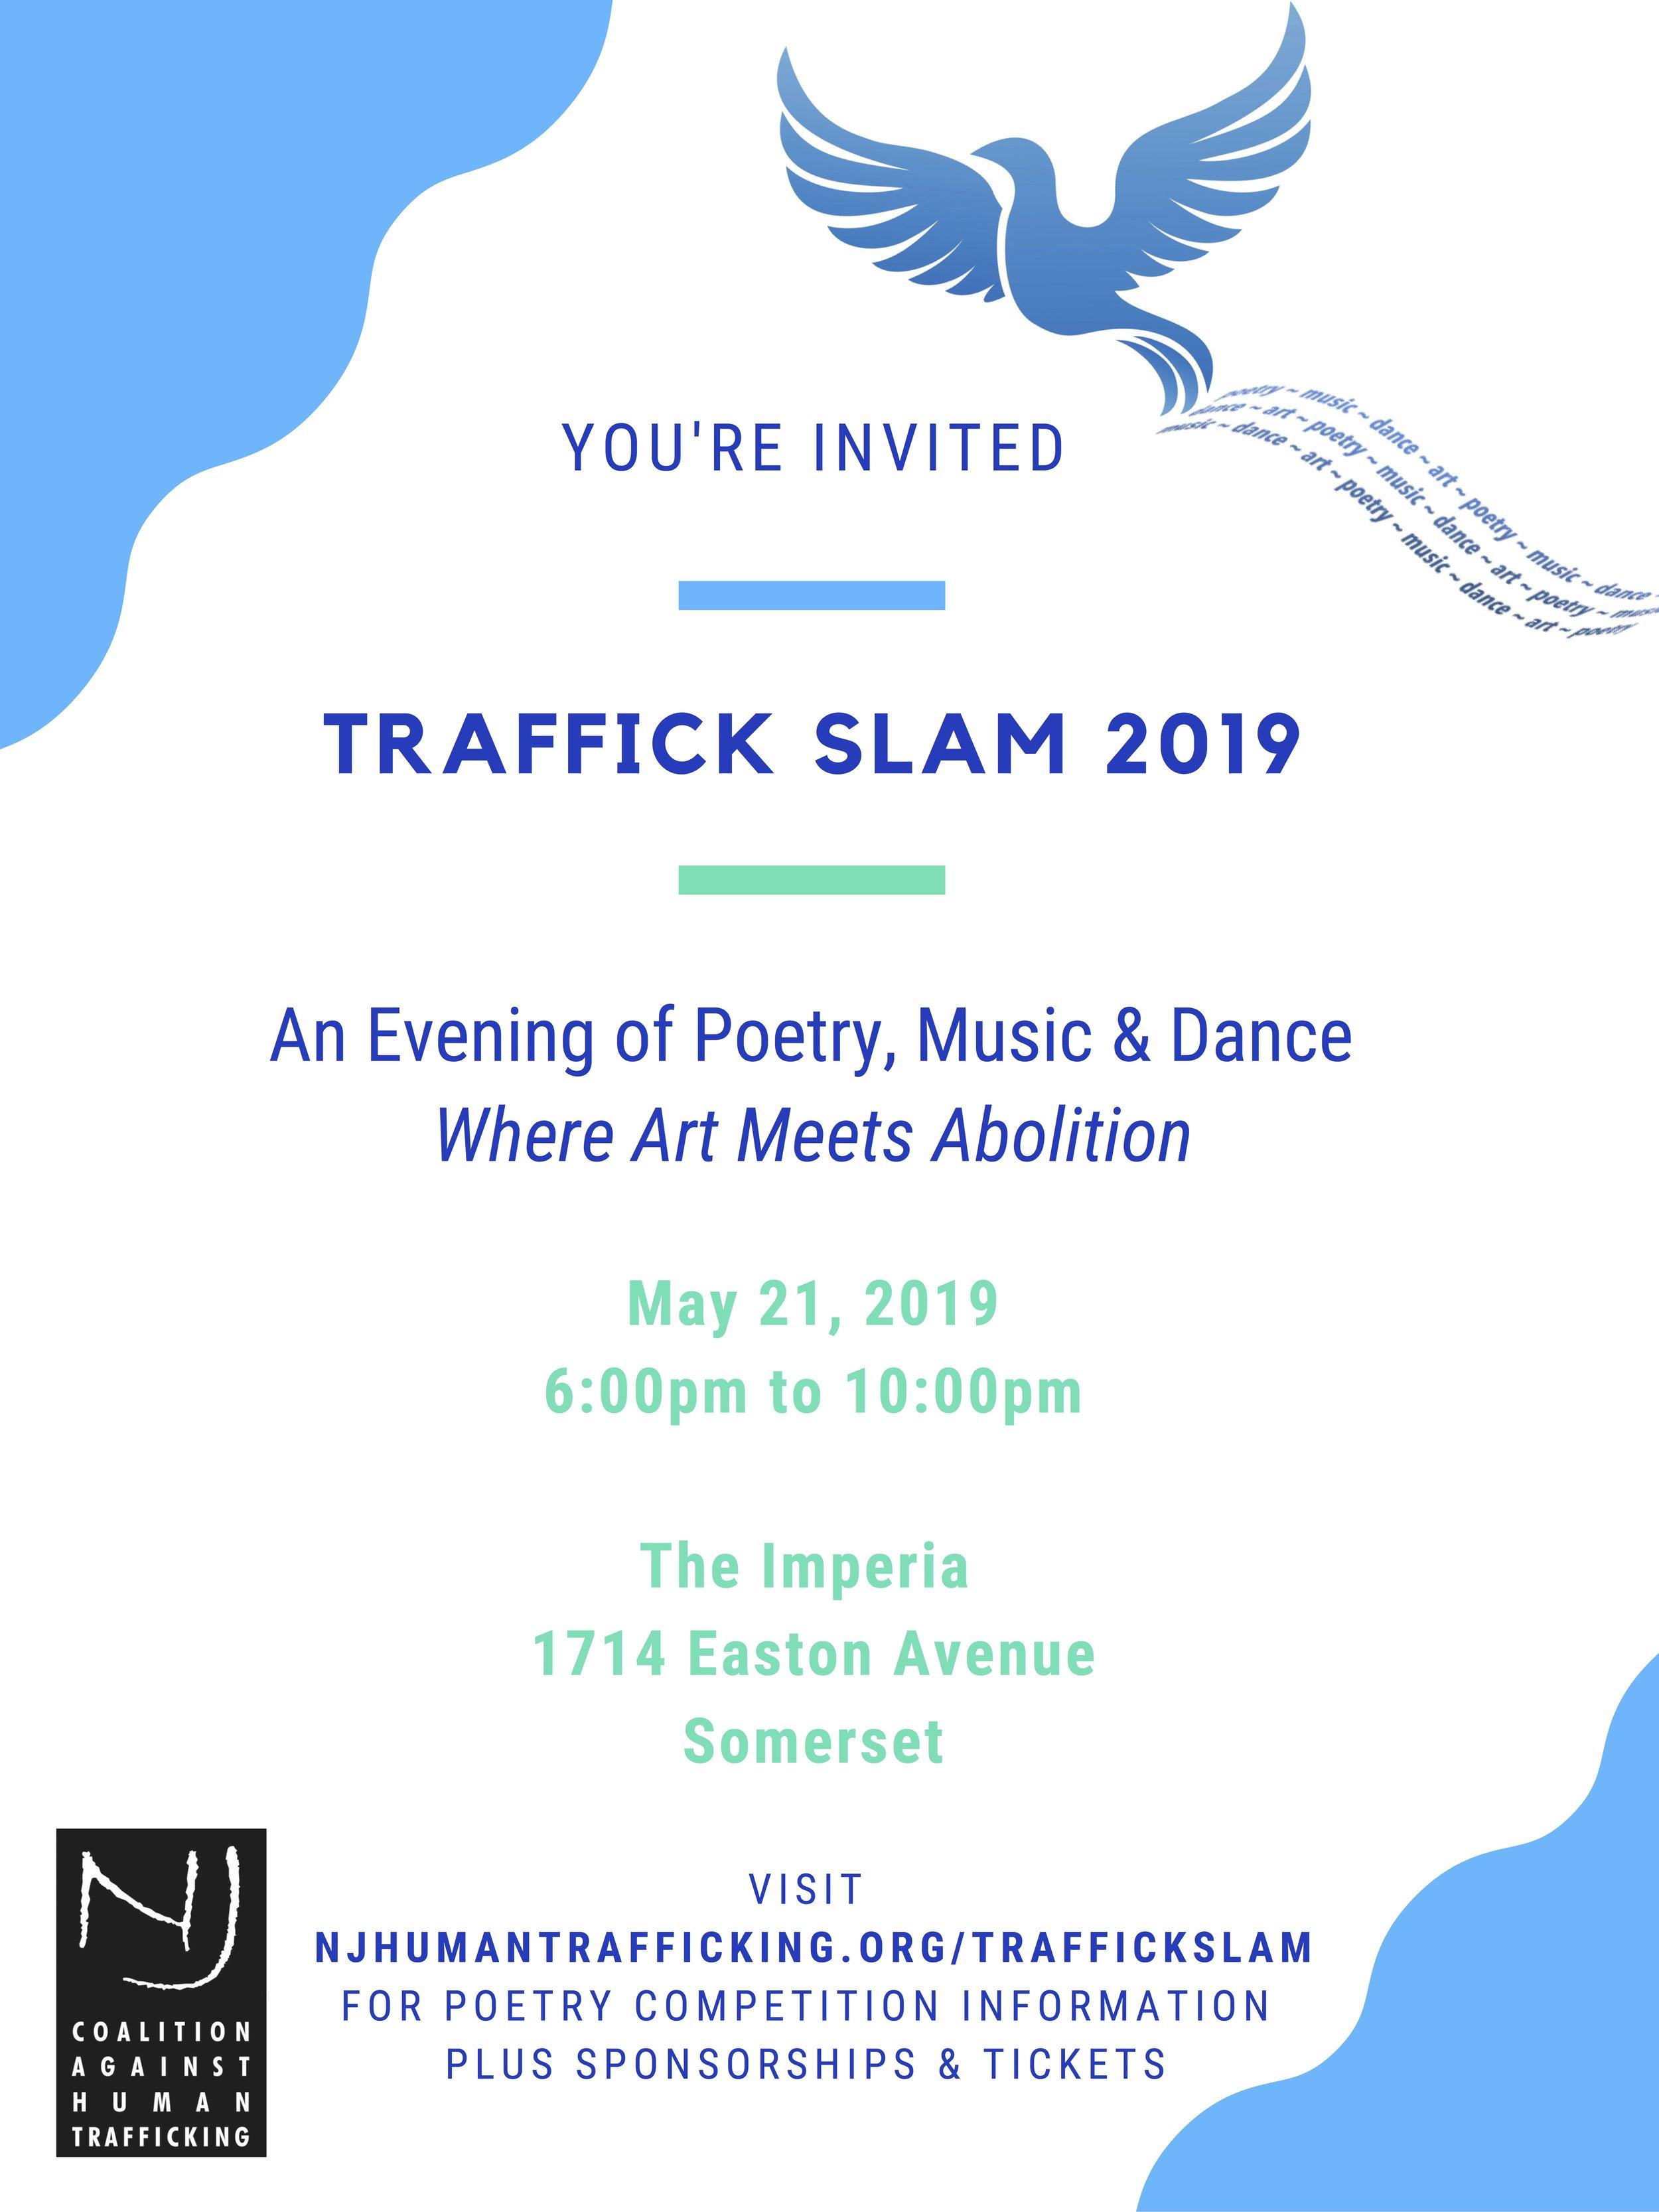 Traffick Slam 2019 Invitation.jpg